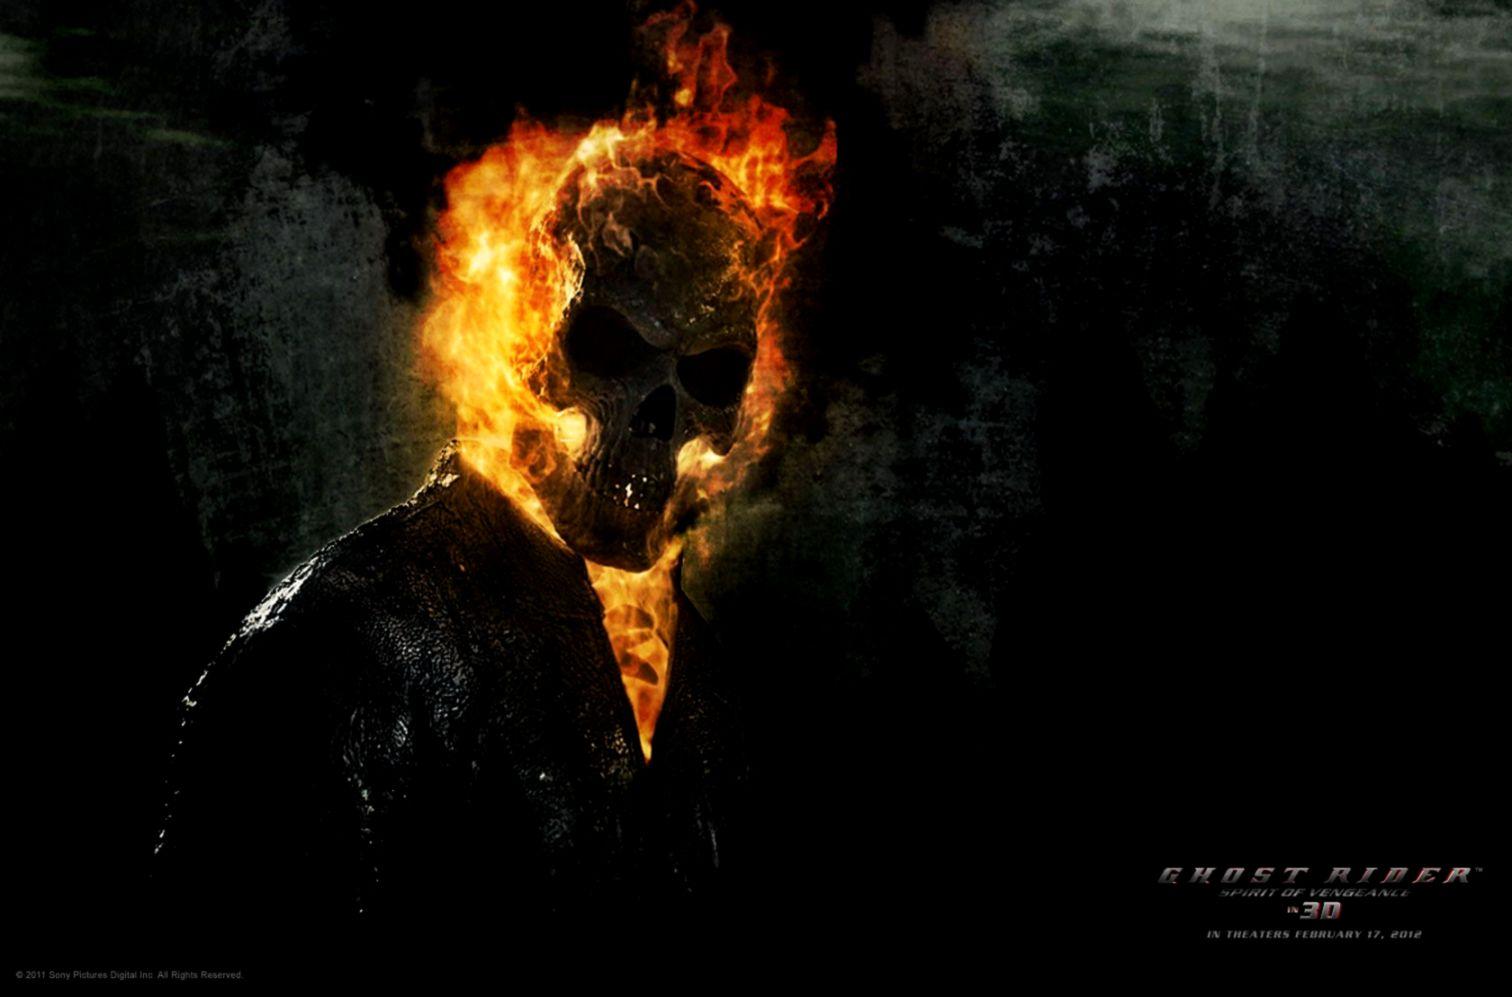 Ghost Rider Skull Wallpaper | Wallpapers Magazine